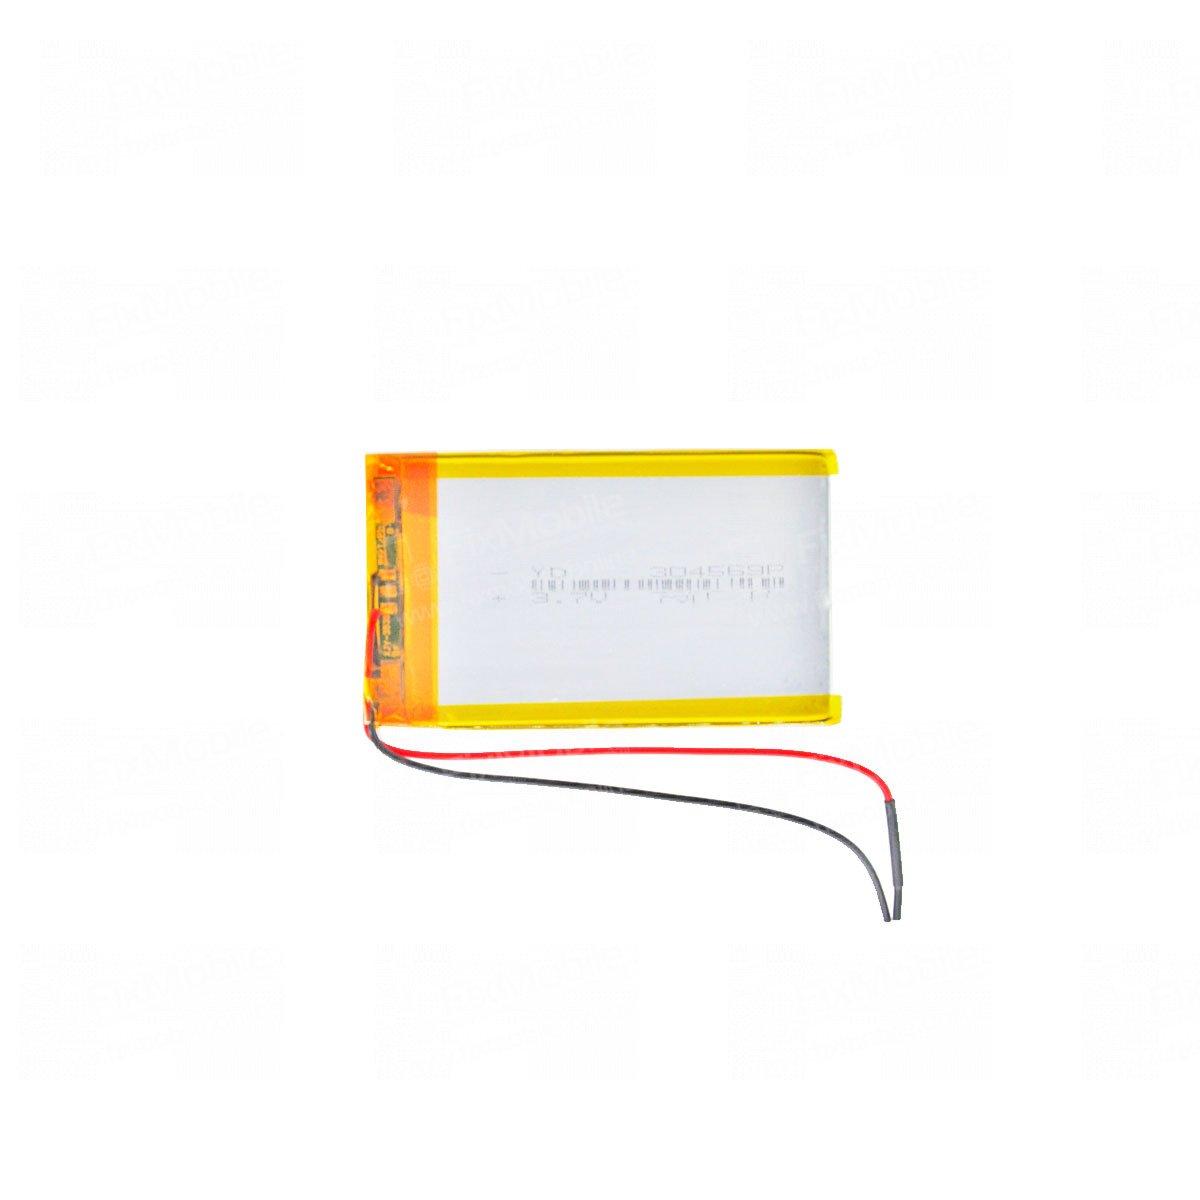 Аккумуляторная батарея универсальная 304569p 3,7v 2000 mAh 3*45*69 мм